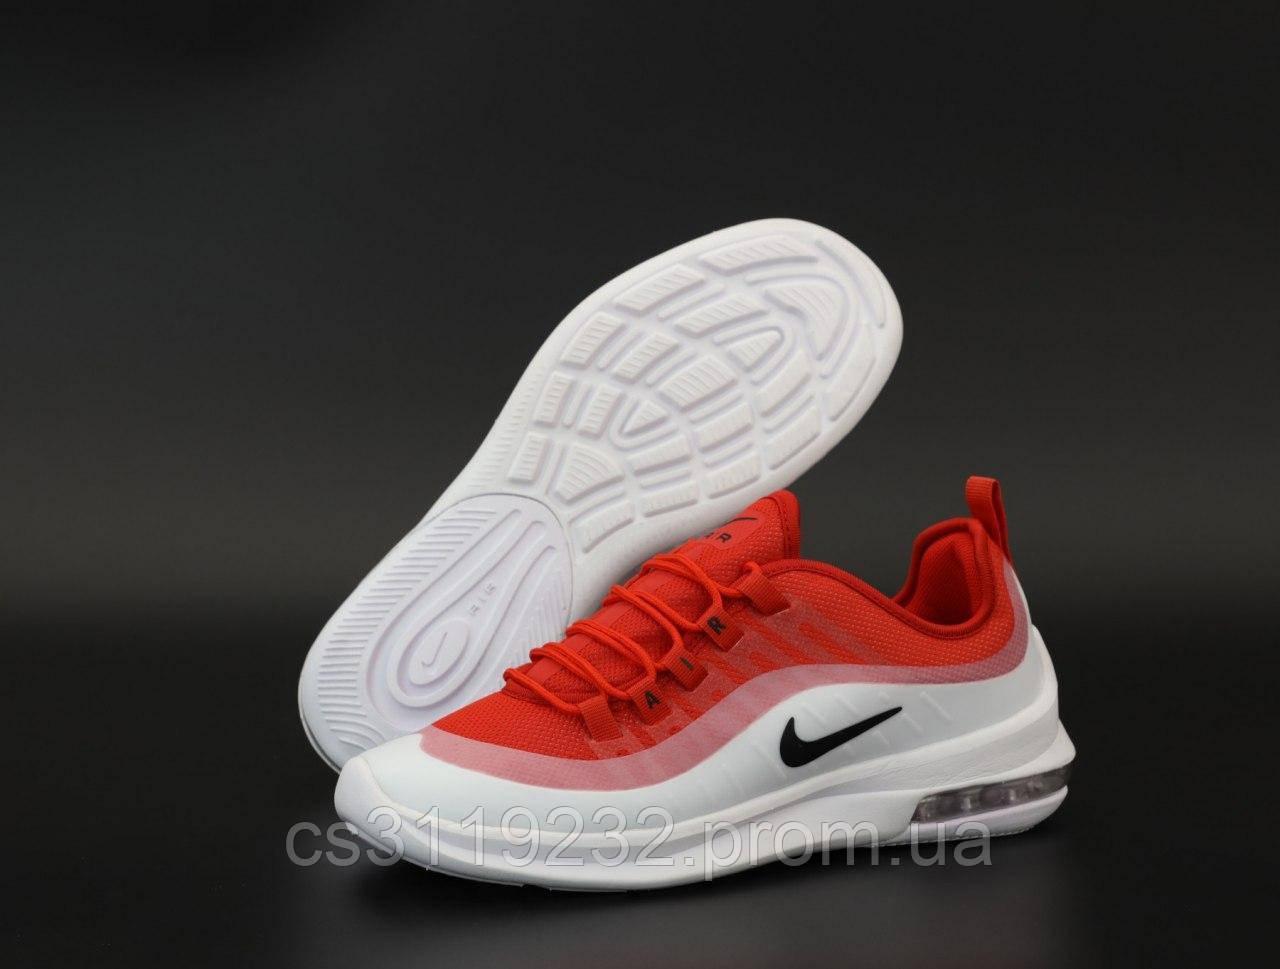 Мужские кроссовки Nike Air Max Axis (бело-красные)